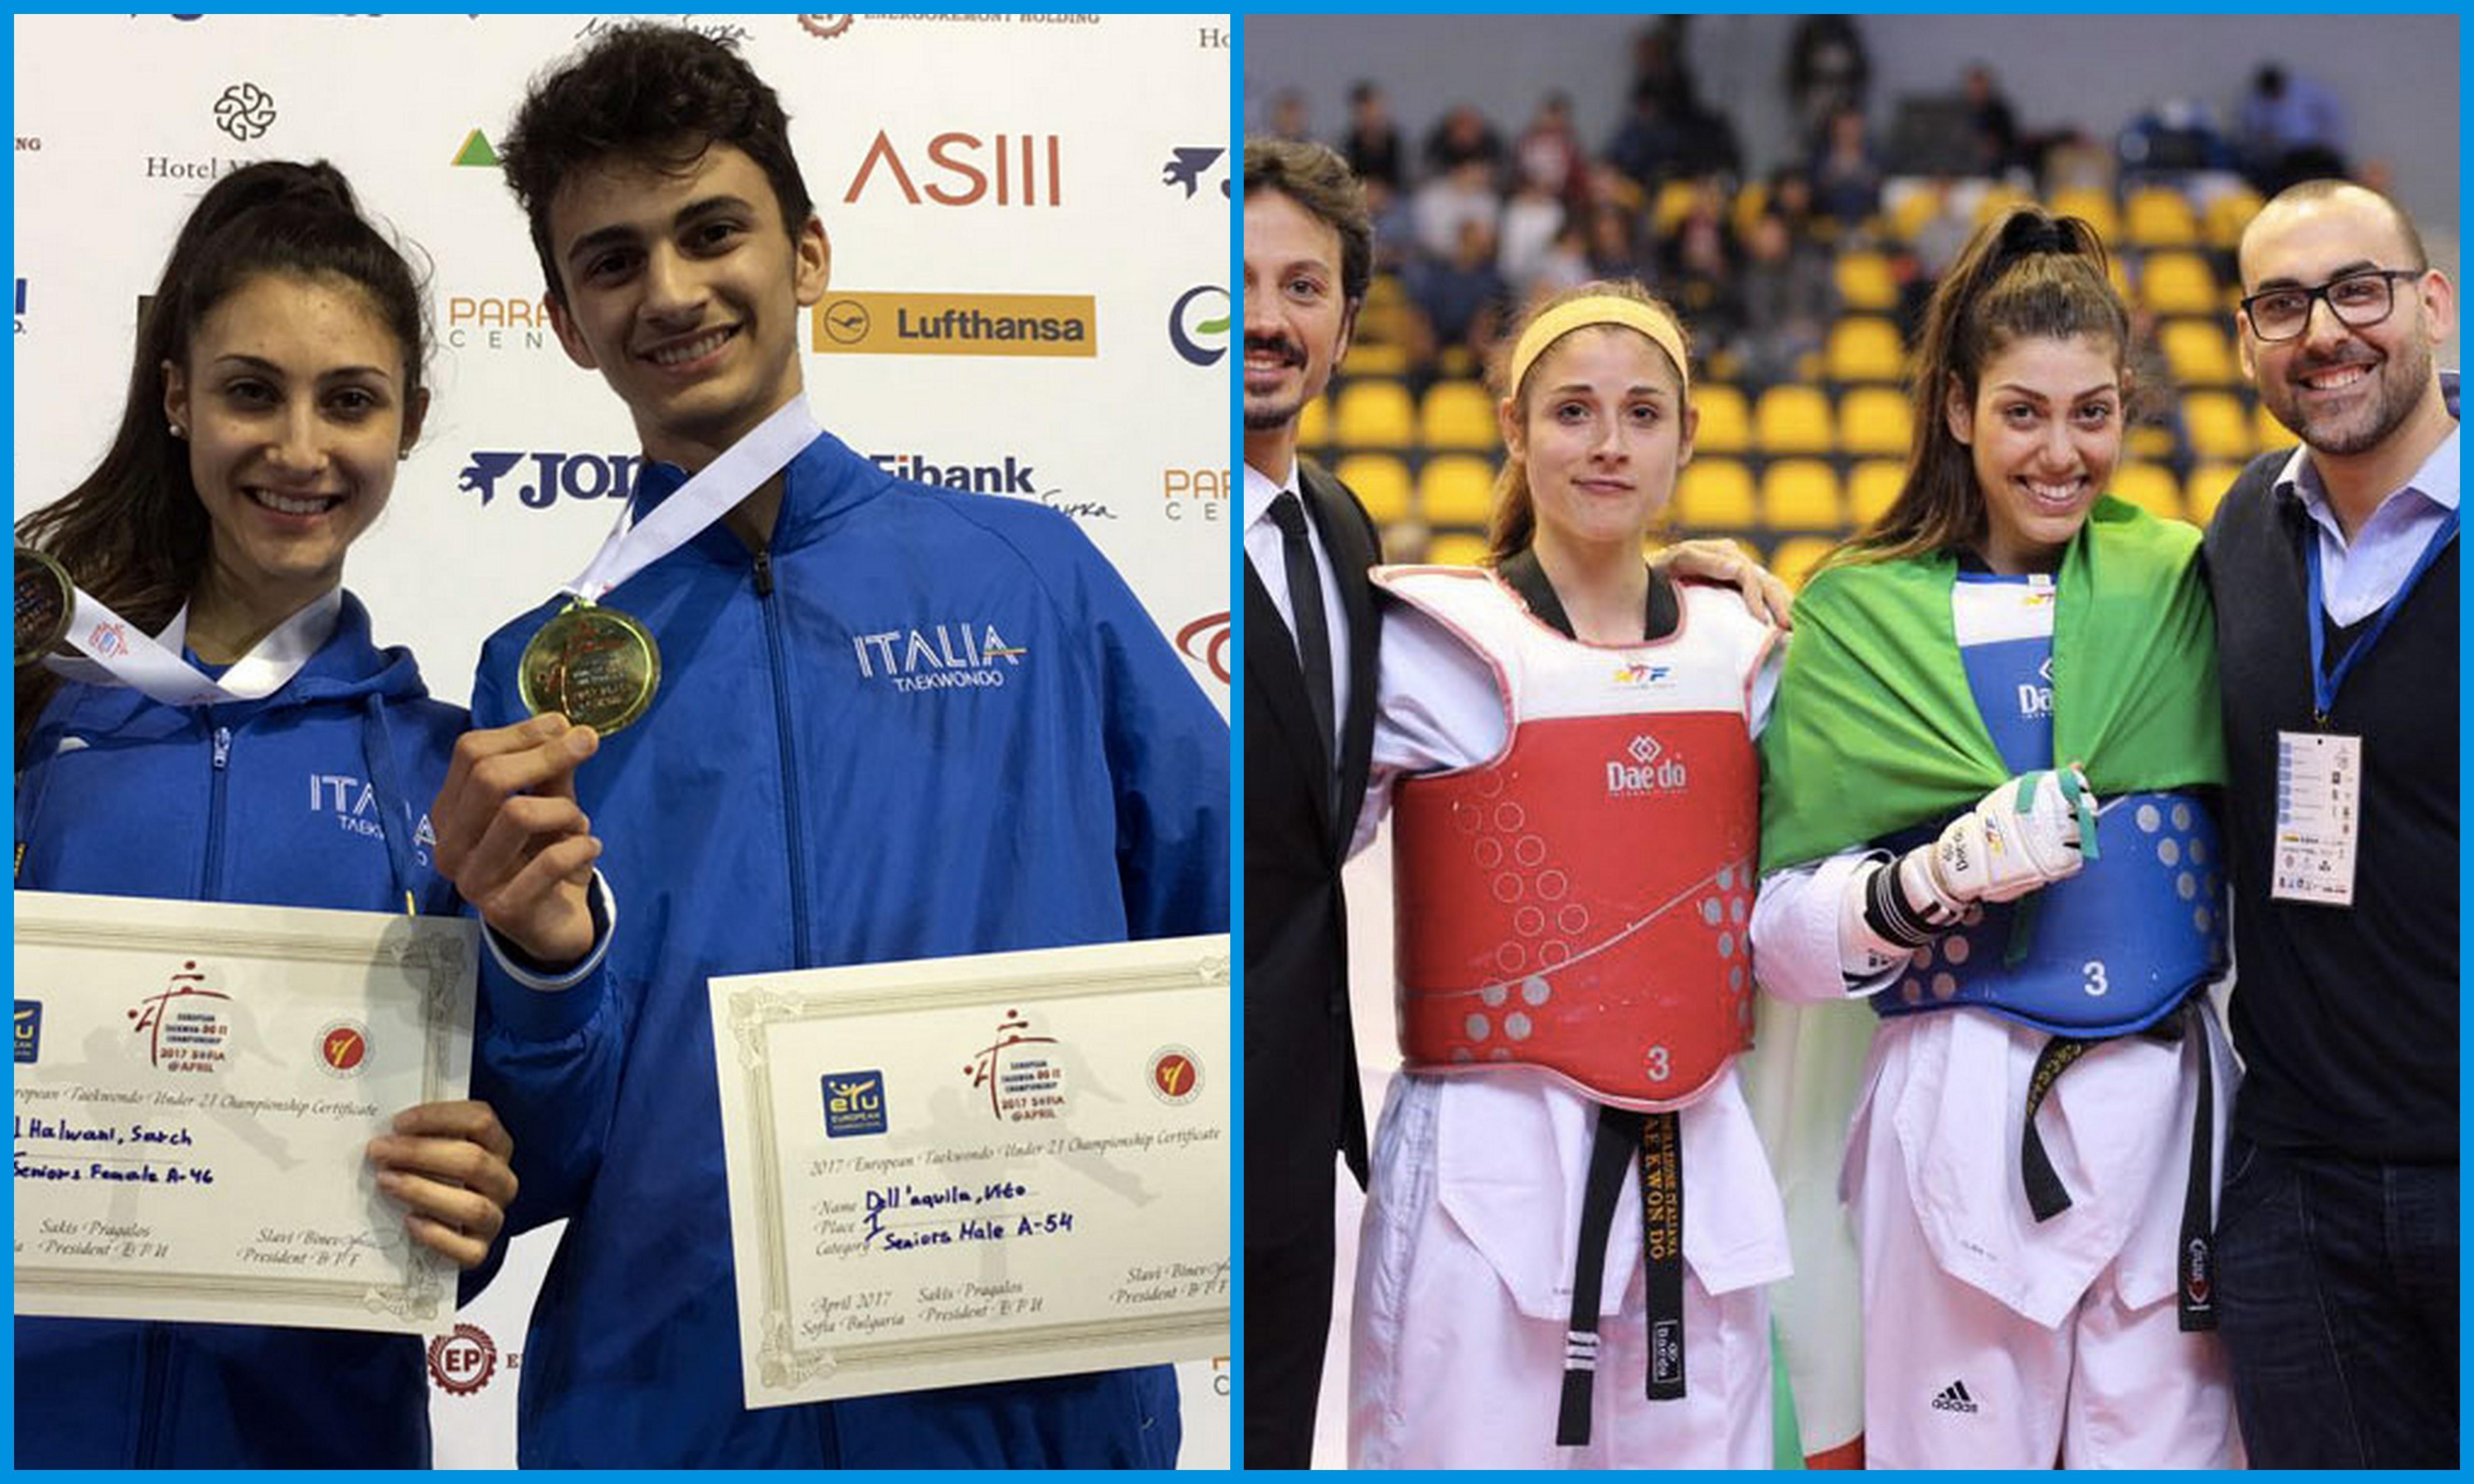 sofia-europei-U21-taekwondo-vito-dell'-aquila-oro-sarah-al-halwani-argento-daniela-rotolo-oro-cristina-gaspa-argento-italia